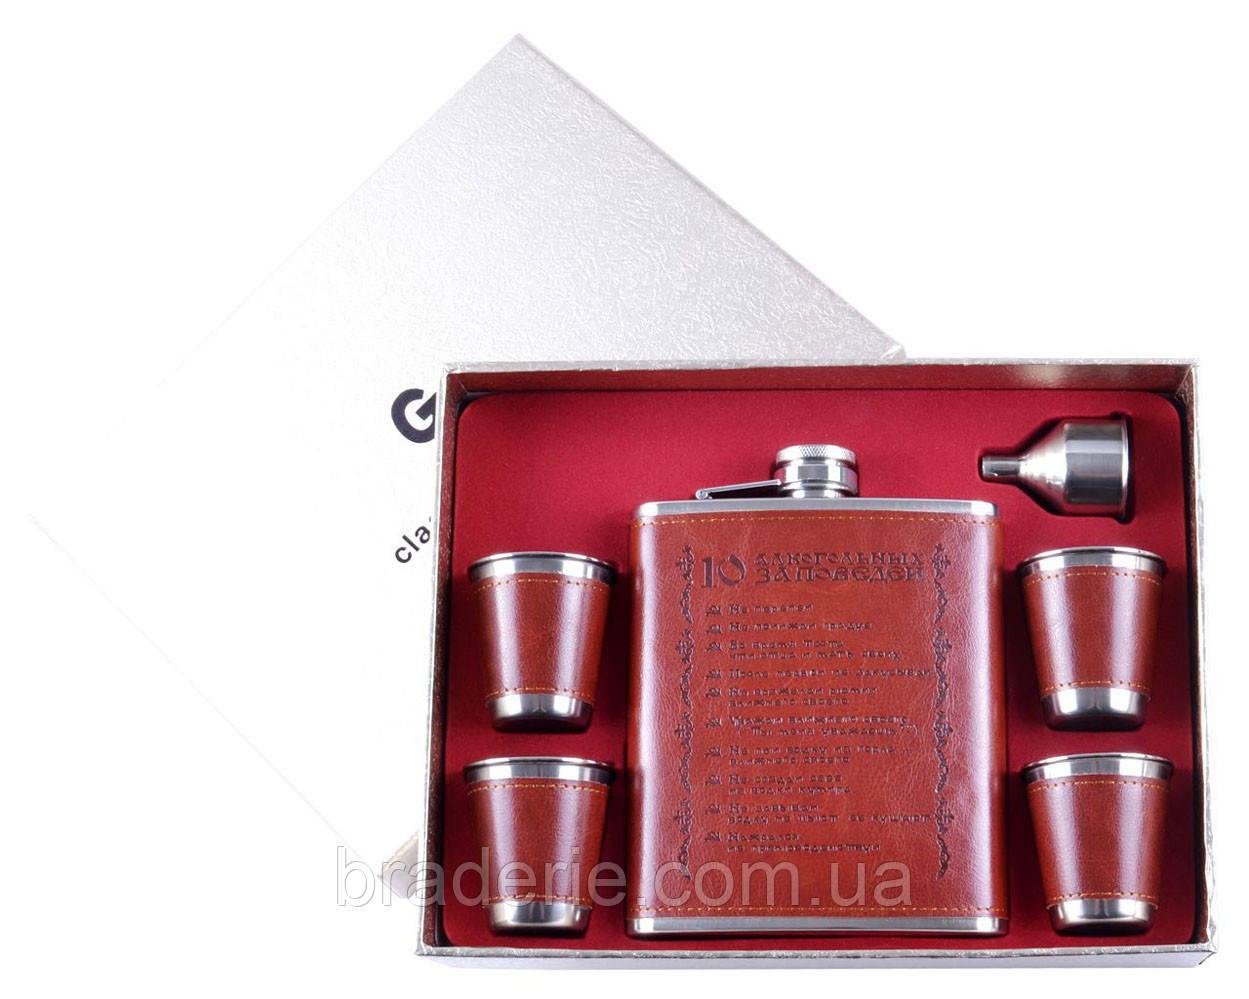 Подарочный набор Фляга с рюмками TZ-906 10 алкогольных заповедей